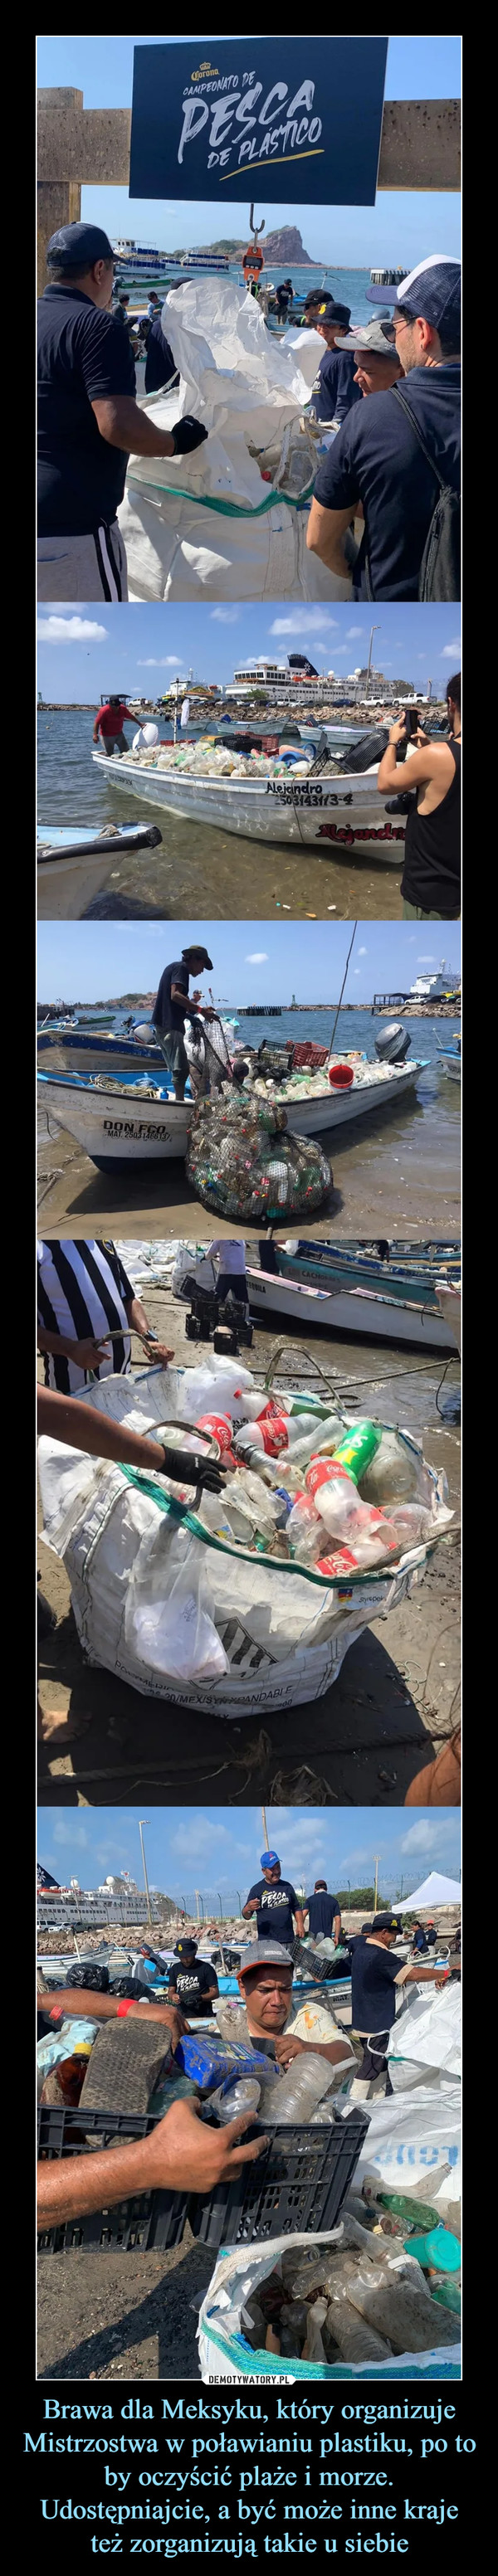 Brawa dla Meksyku, który organizuje Mistrzostwa w poławianiu plastiku, po to by oczyścić plaże i morze. Udostępniajcie, a być może inne kraje też zorganizują takie u siebie –